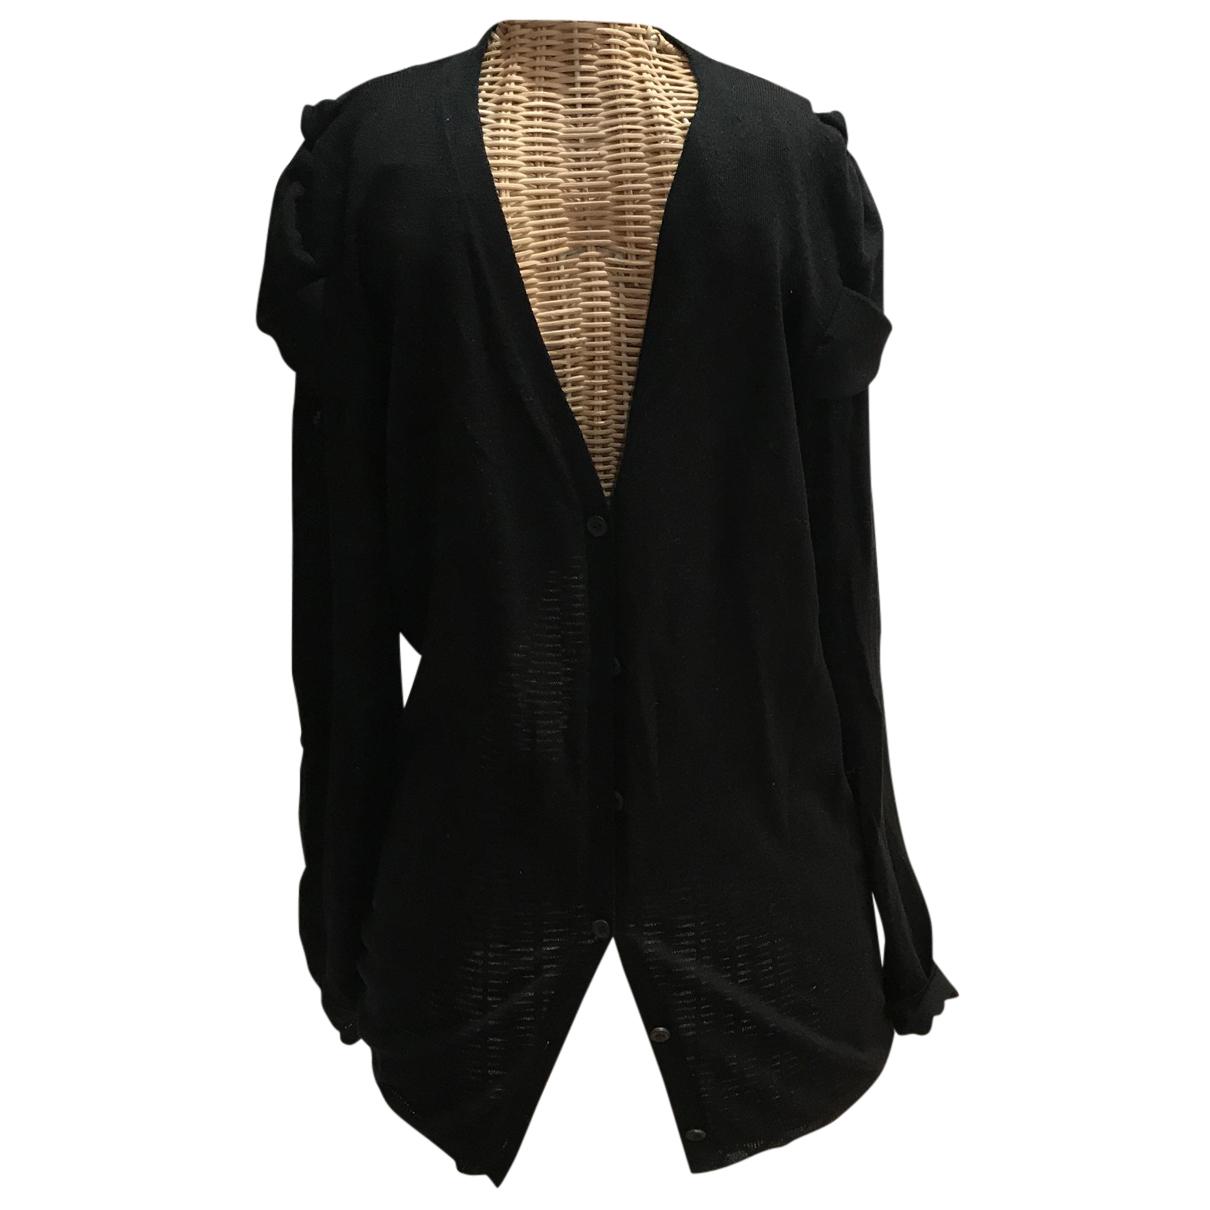 Prada N Black Wool Knitwear for Women 44 IT